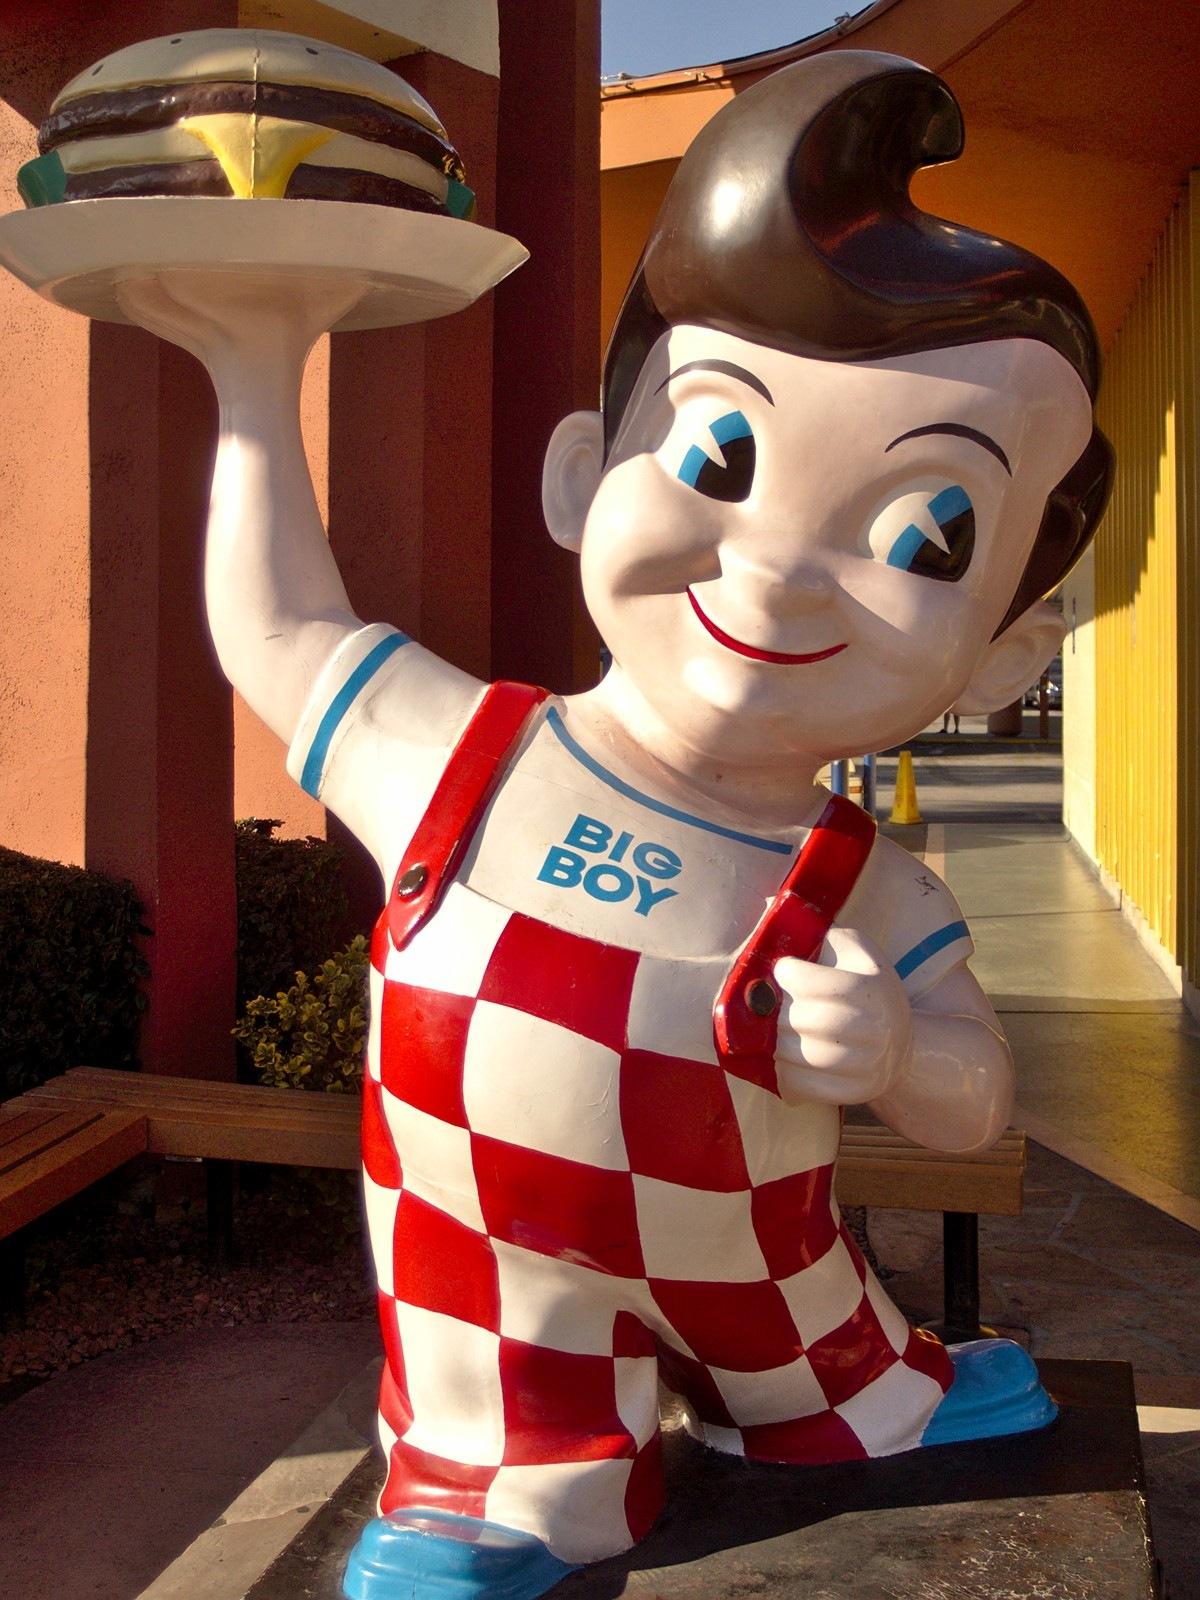 Bob's_big_boy_statue_burbank_2013.jpg